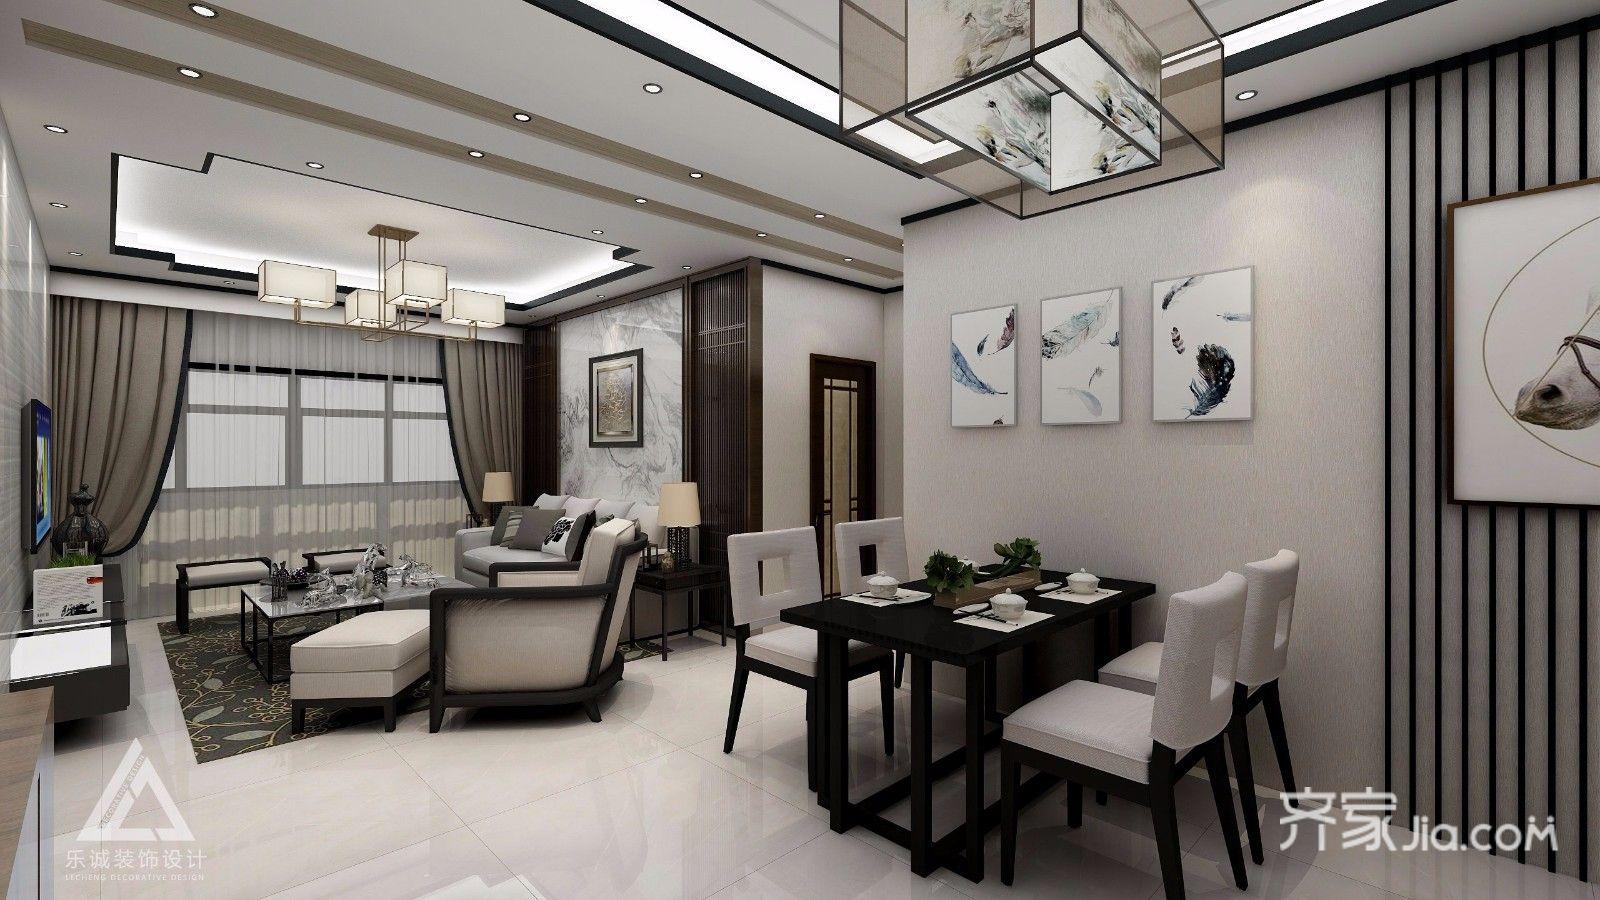 沙发背景墙格栅木质花格造型,搭配水墨纹天然石材,简洁,实用,轻奢风和图片